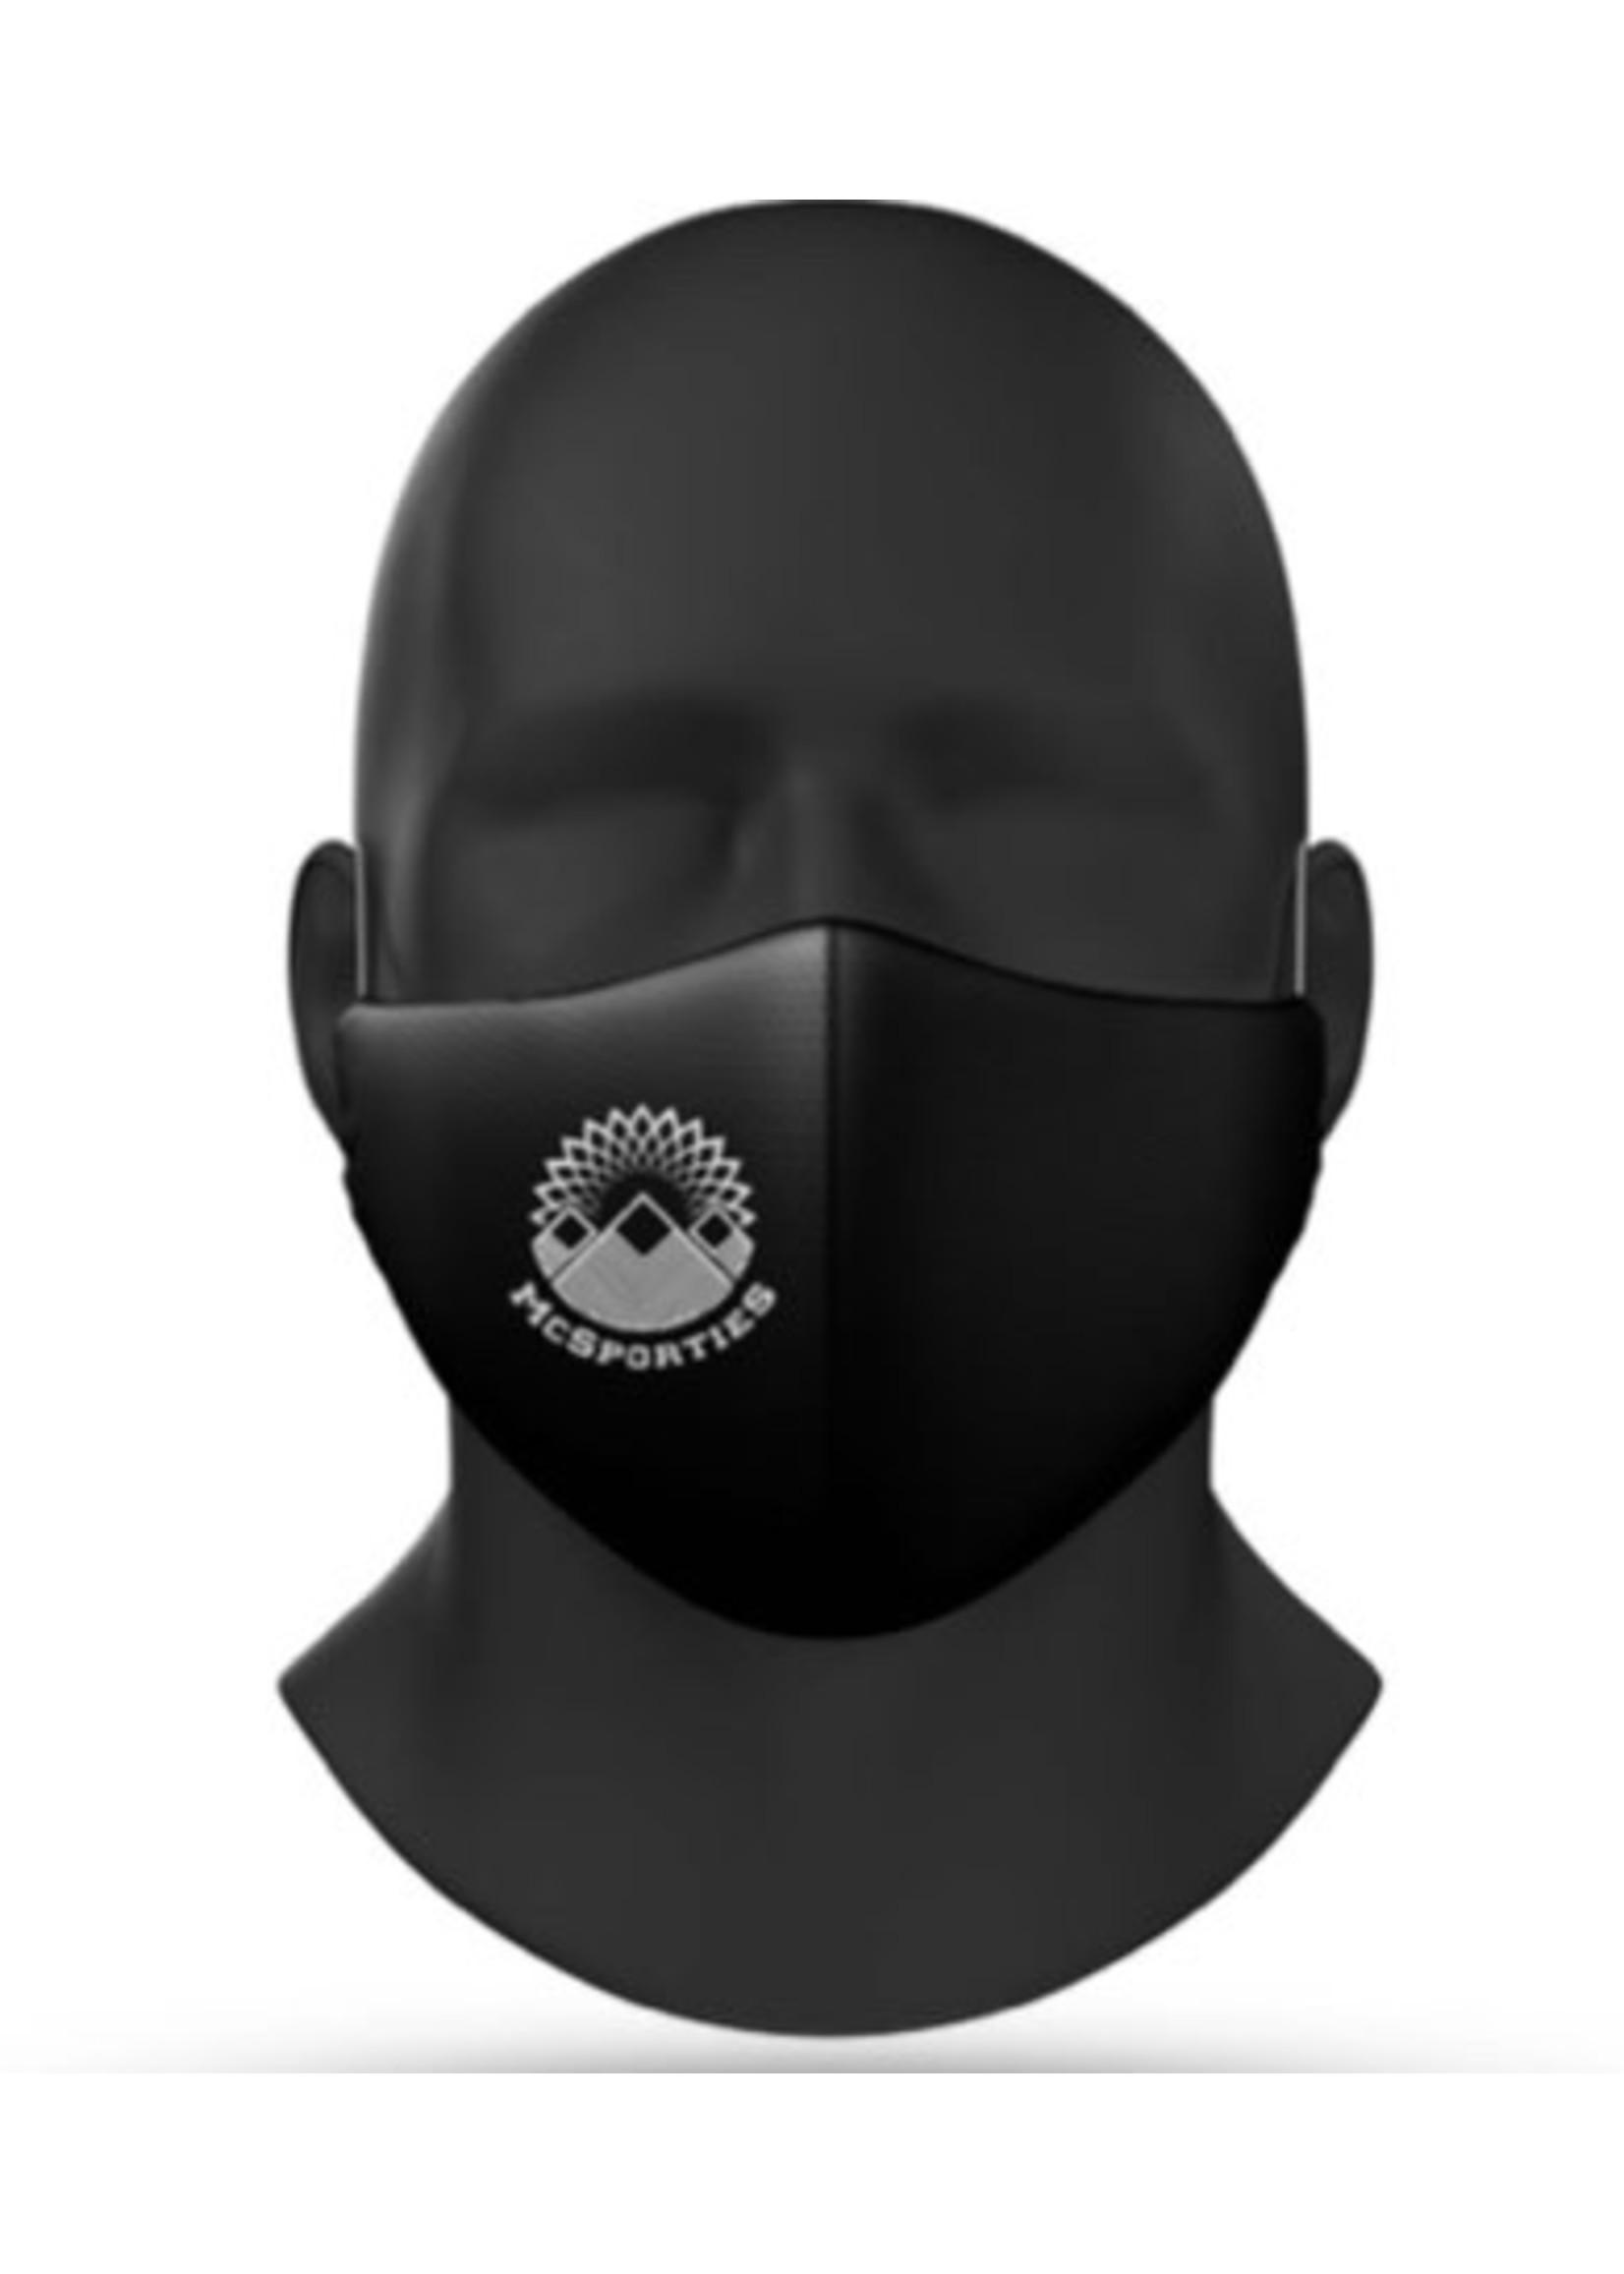 Reusable McSporties Face Mask